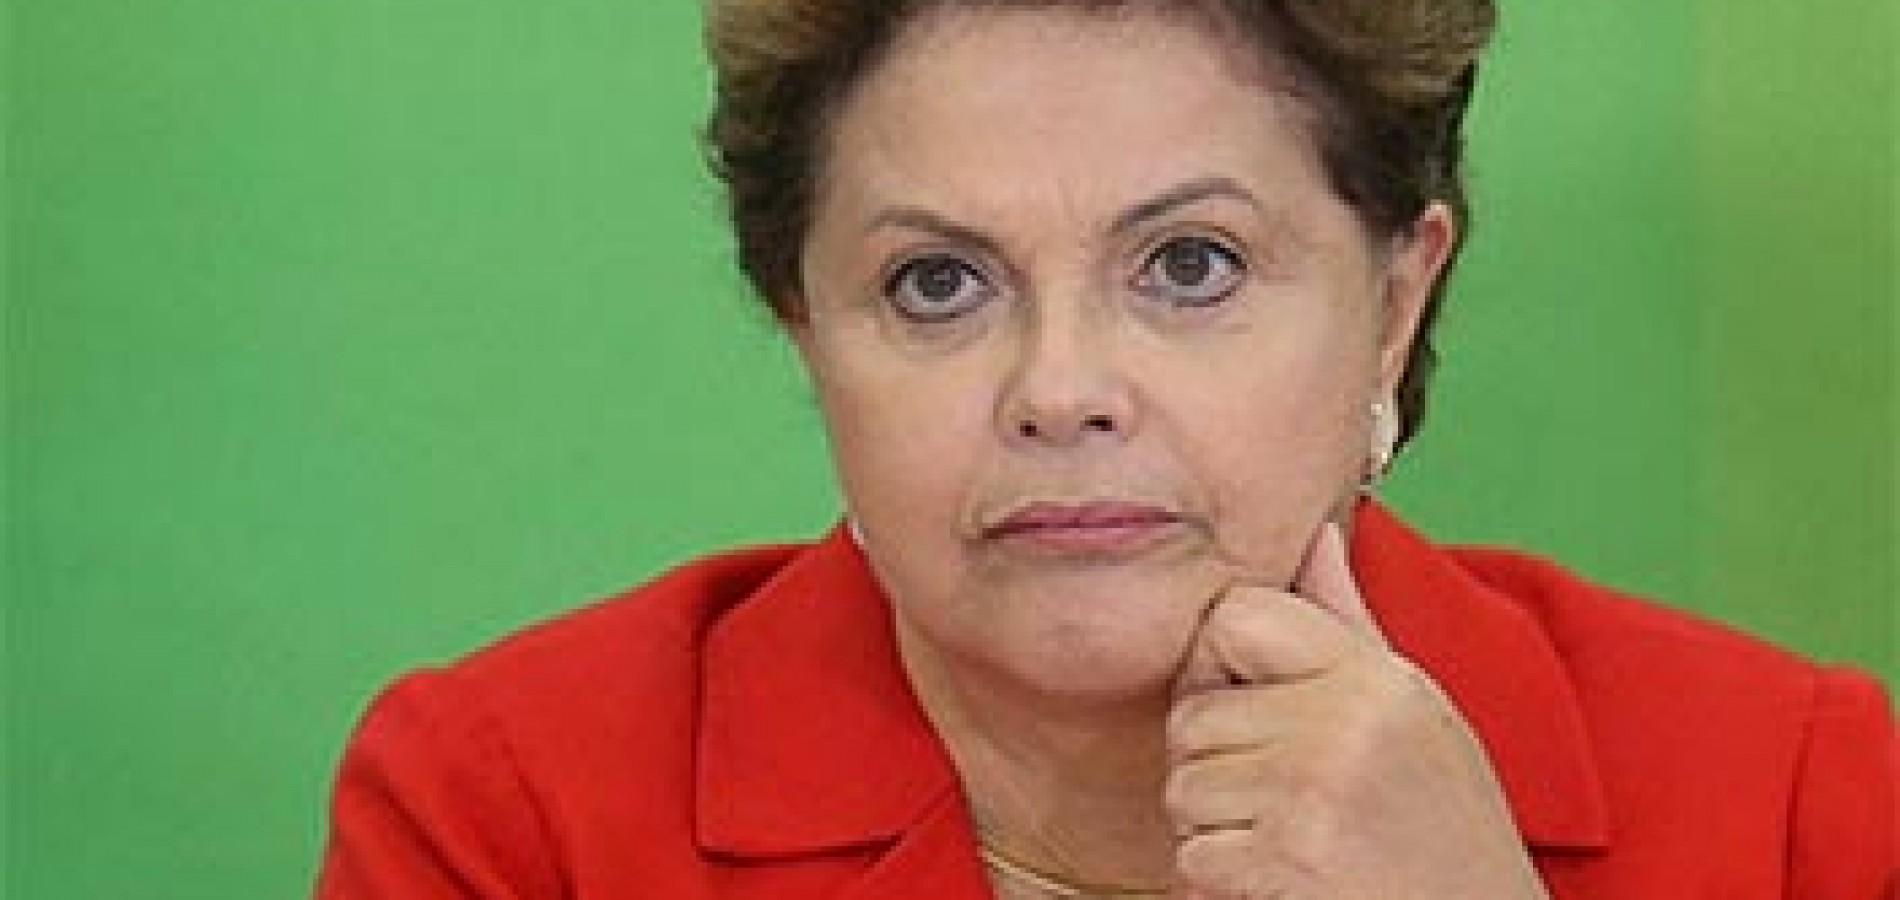 Problemas se acumulam nos 100 dias do governo de Dilma Rousseff, do PT